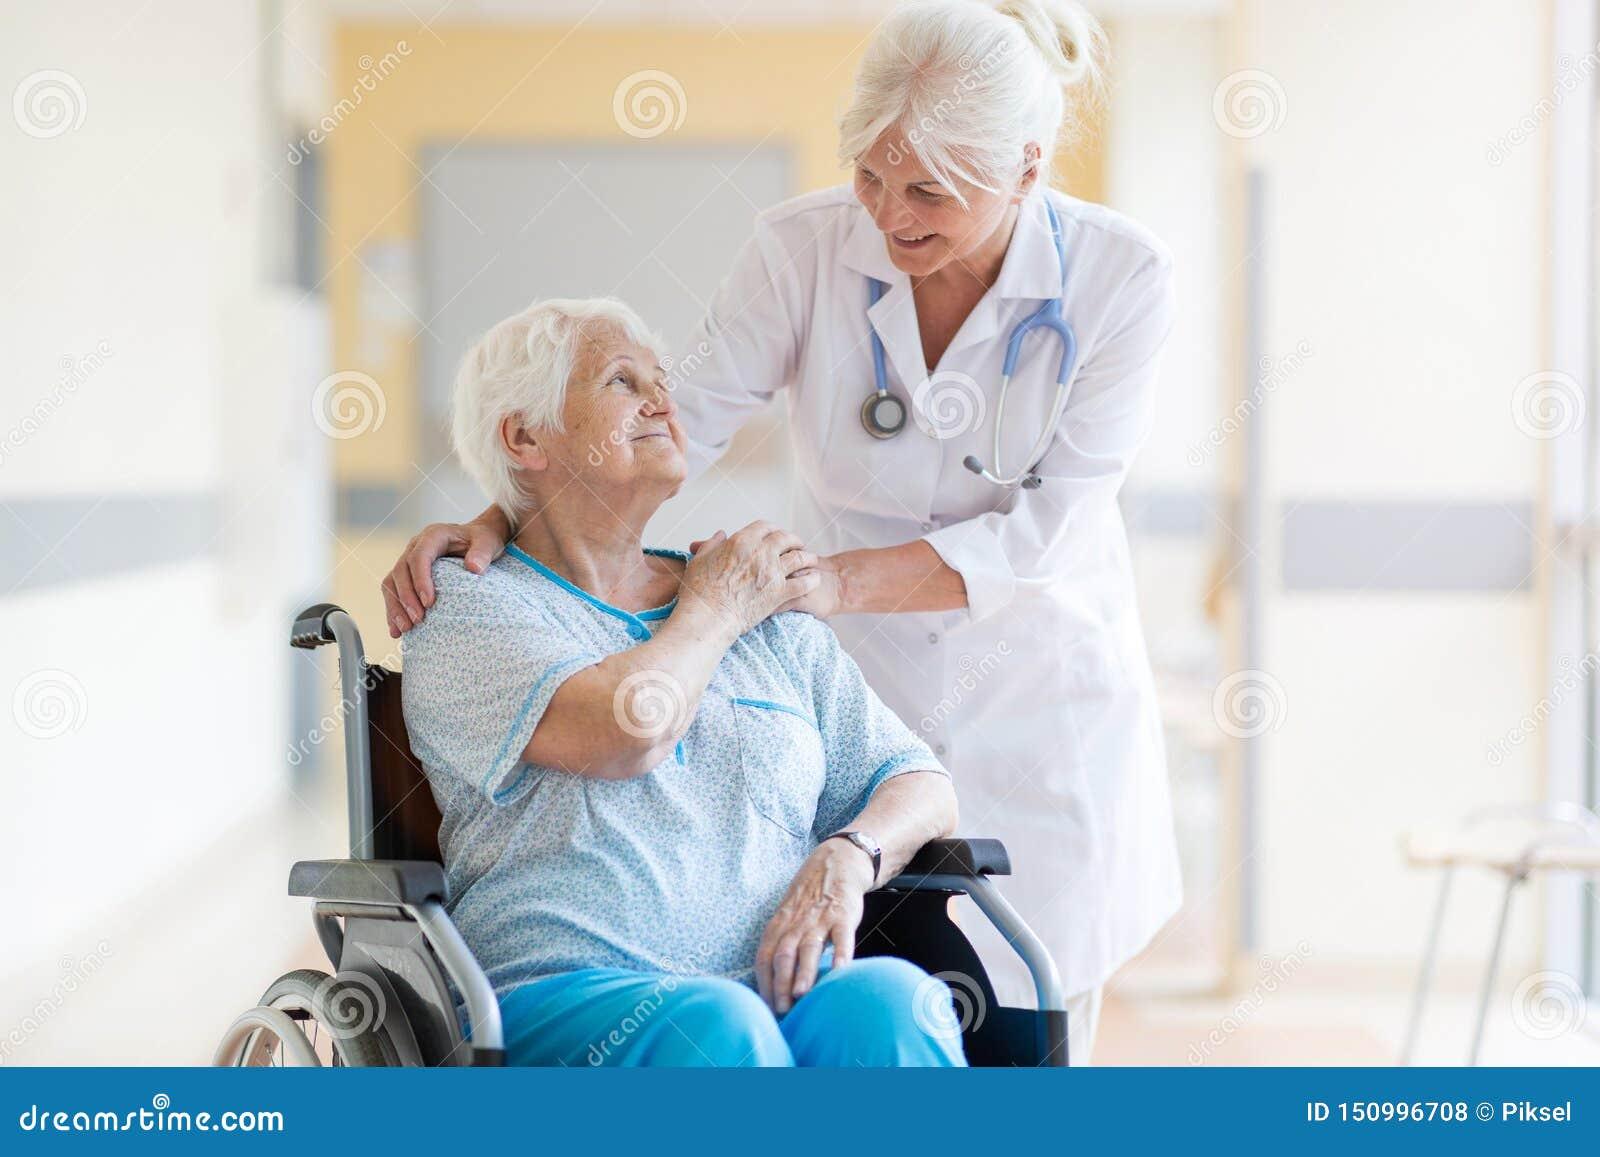 Ältere Frau im Rollstuhl mit Ärztin im Krankenhaus